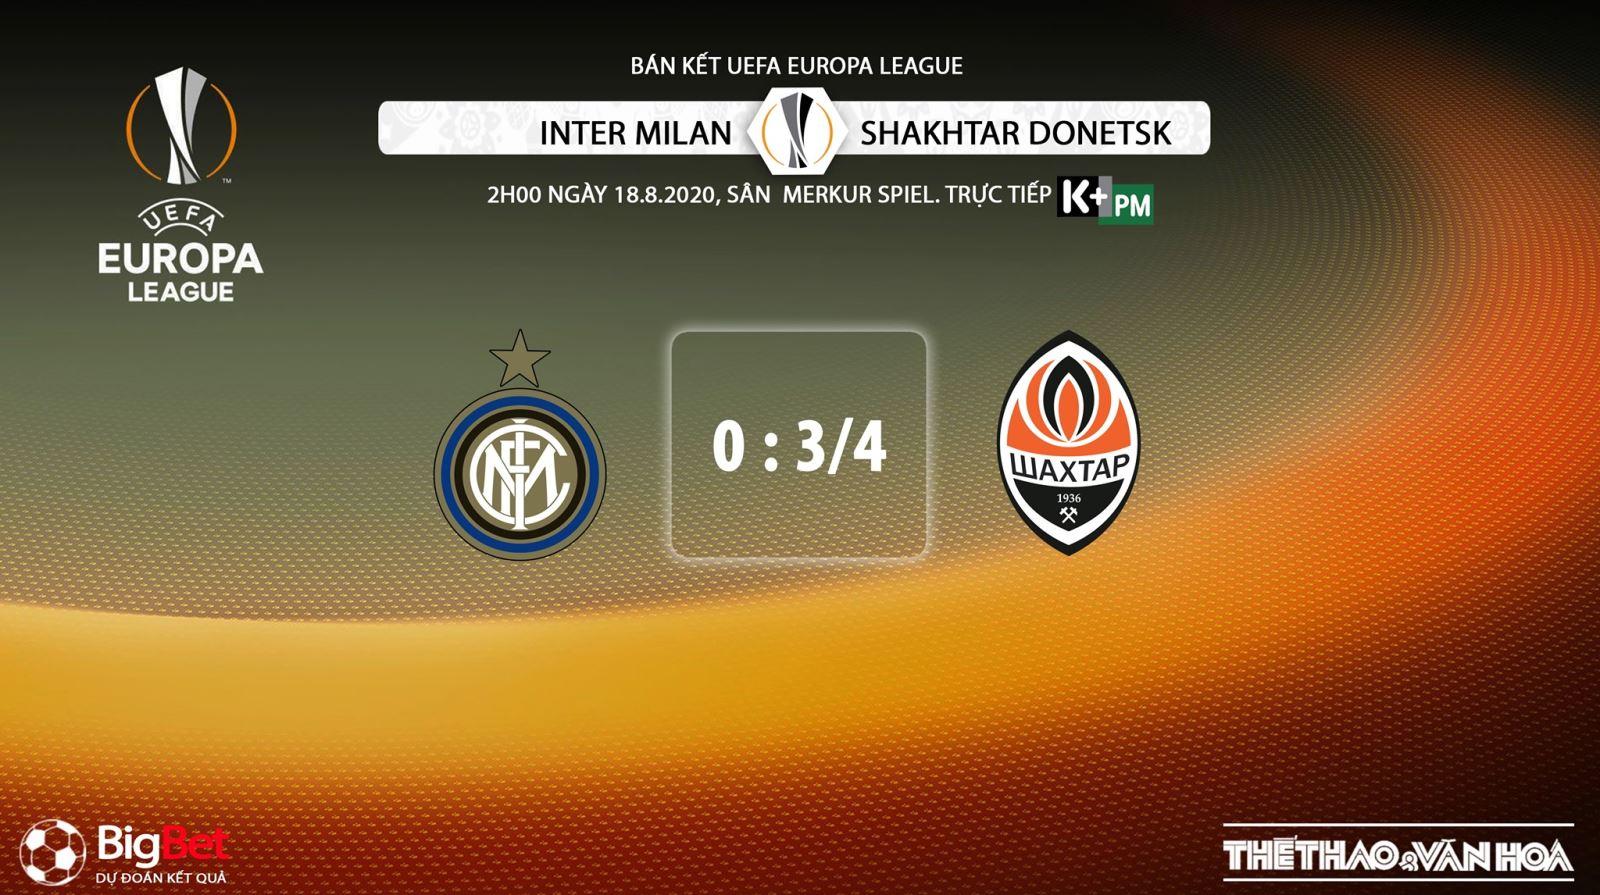 Inter Milan vs Shakhtar Donetsk, trực tiếp bóng đá, soi kèo Inter Milan vs Shakhtar Donetsk, nhận định Inter Milan vs Shakhtar Donetsk , dự đoán, nhận định bóng đá